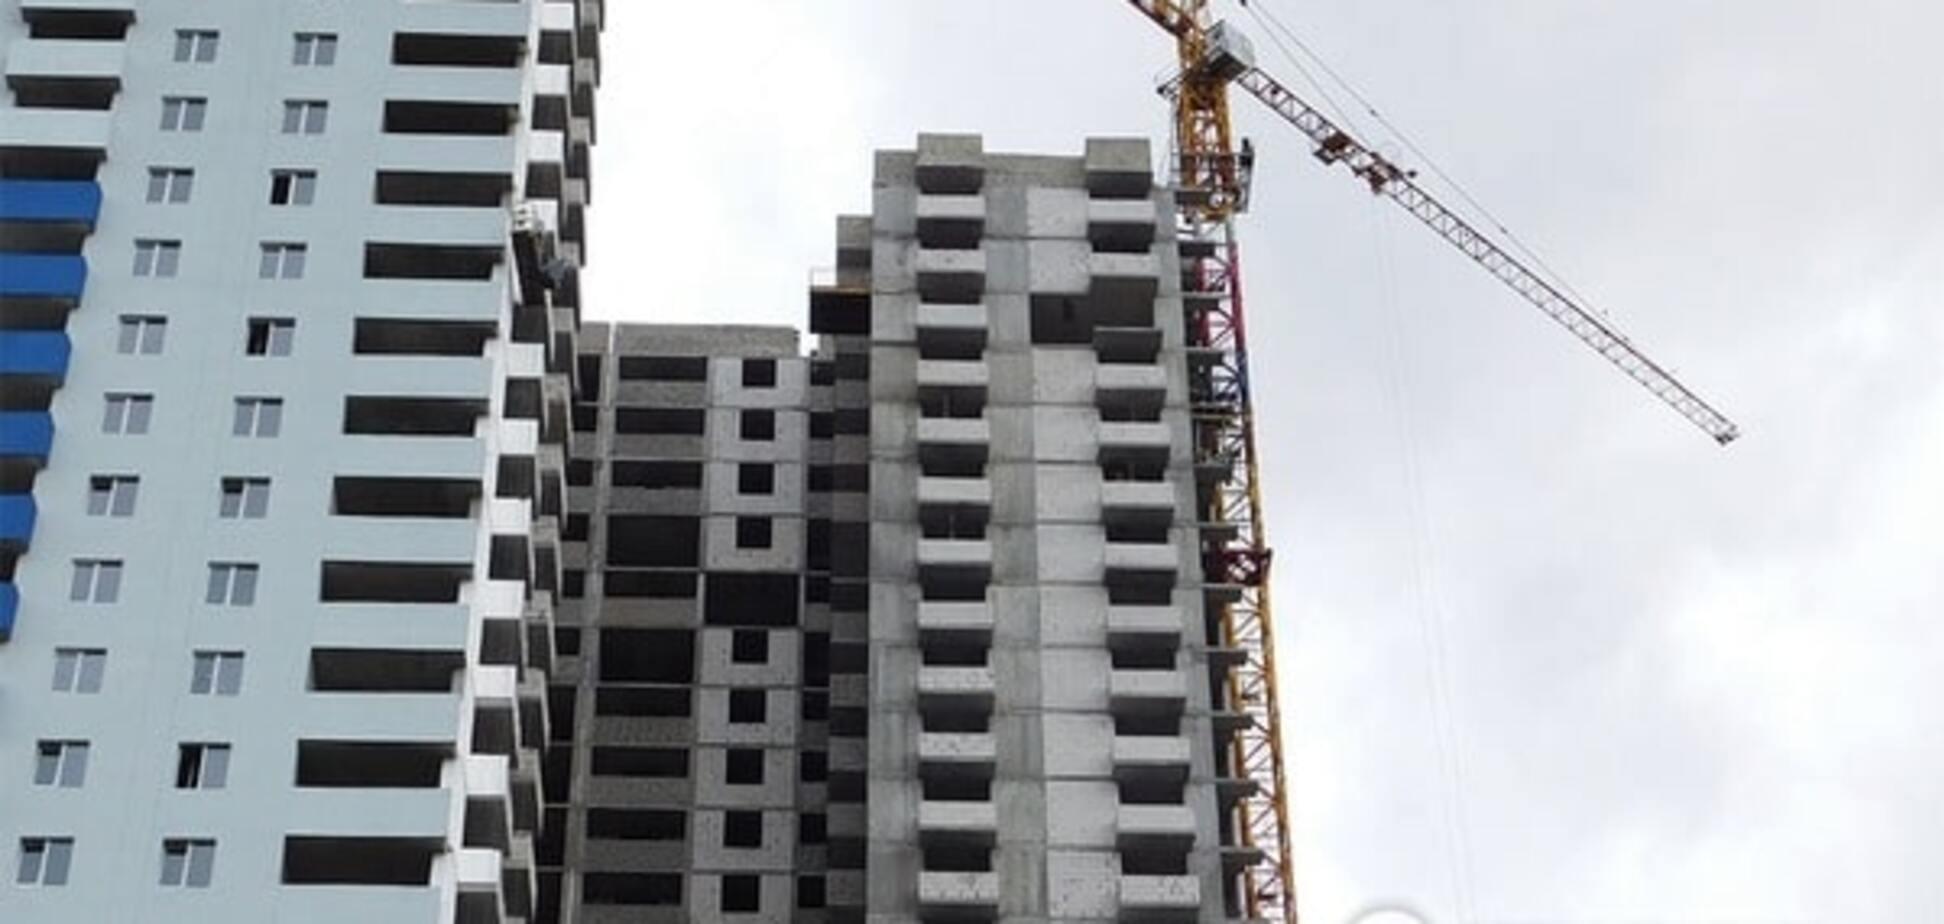 Афера Войцеховского: строительная пирамида под прикрытием чиновников, что делать - советы юриста